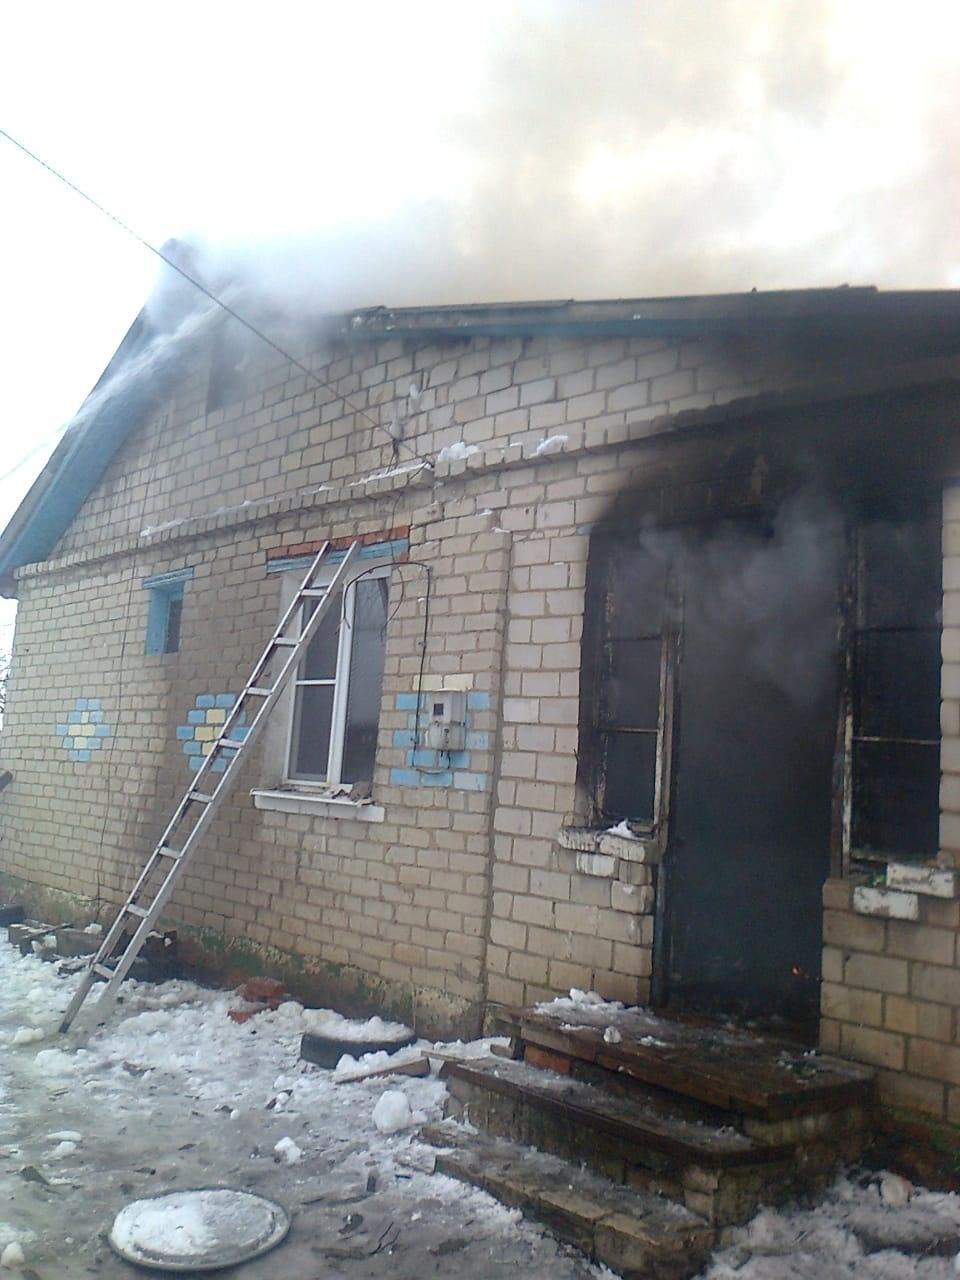 Пожар в с. Молотычи Фатежского района Курской области ликвидирован